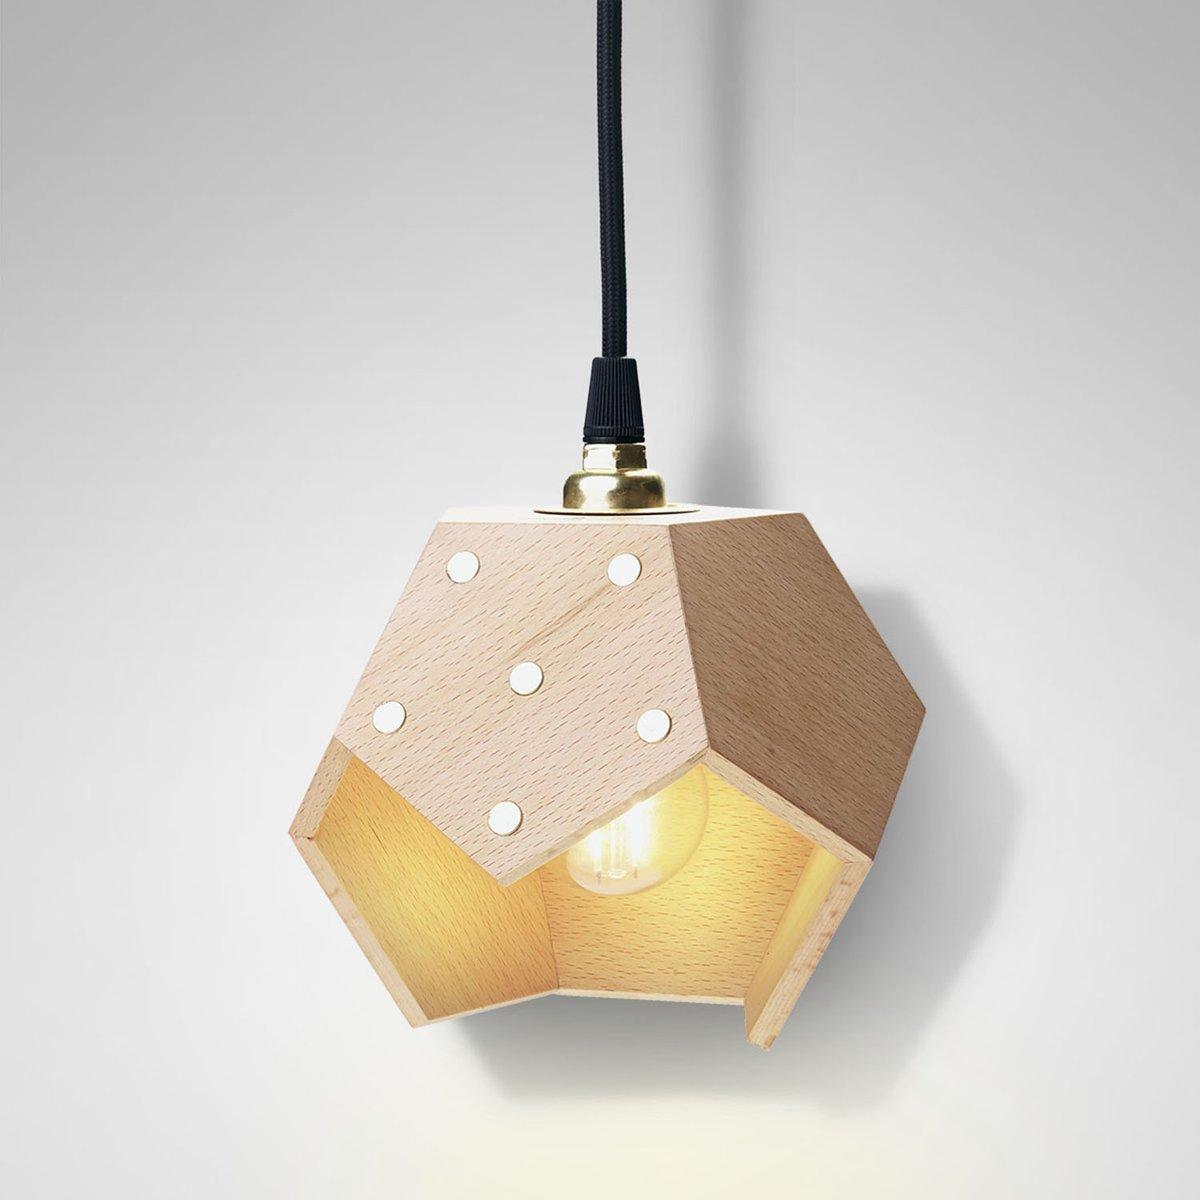 Basic TWELVE Solo Hängelampe aus Holz von Plato Design